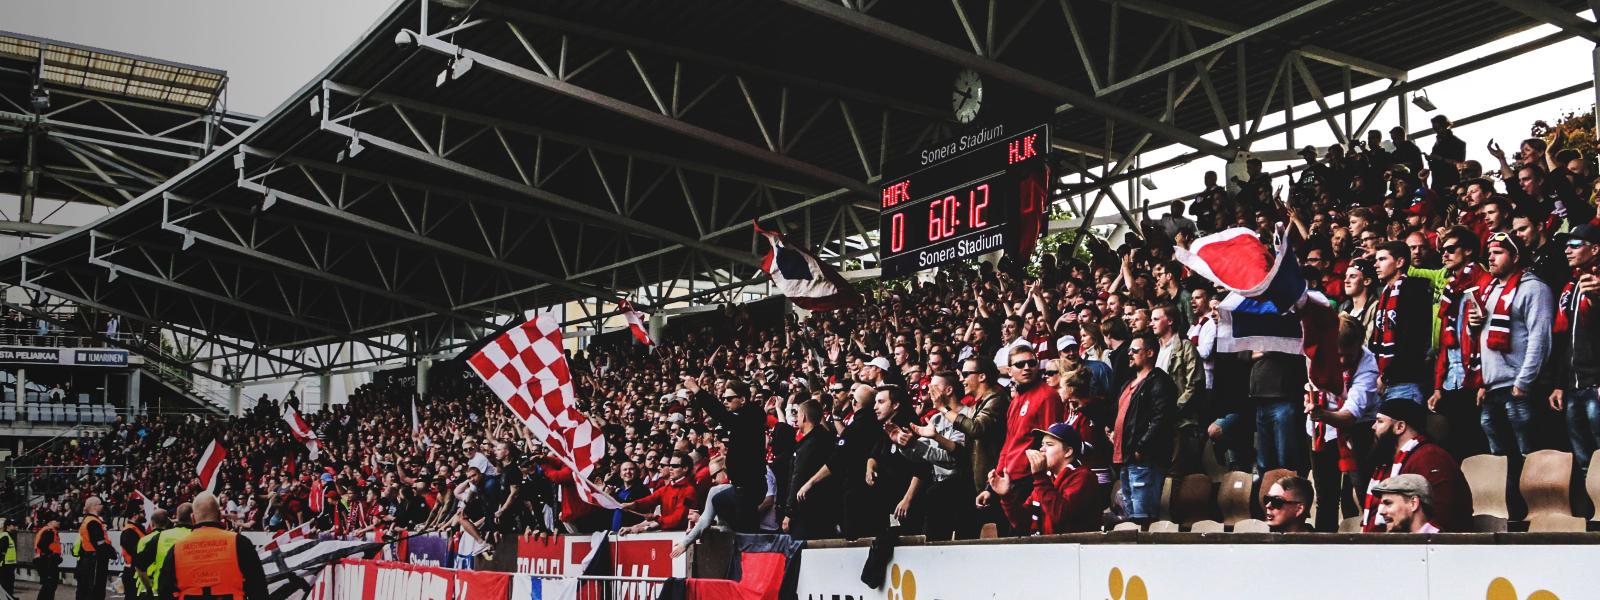 Otteluennakko: RoPS saapuu Stadiin <br> HIFK:n vastustajaksi: &#8221;Voittotili aukeaa lauantaina&#8221;